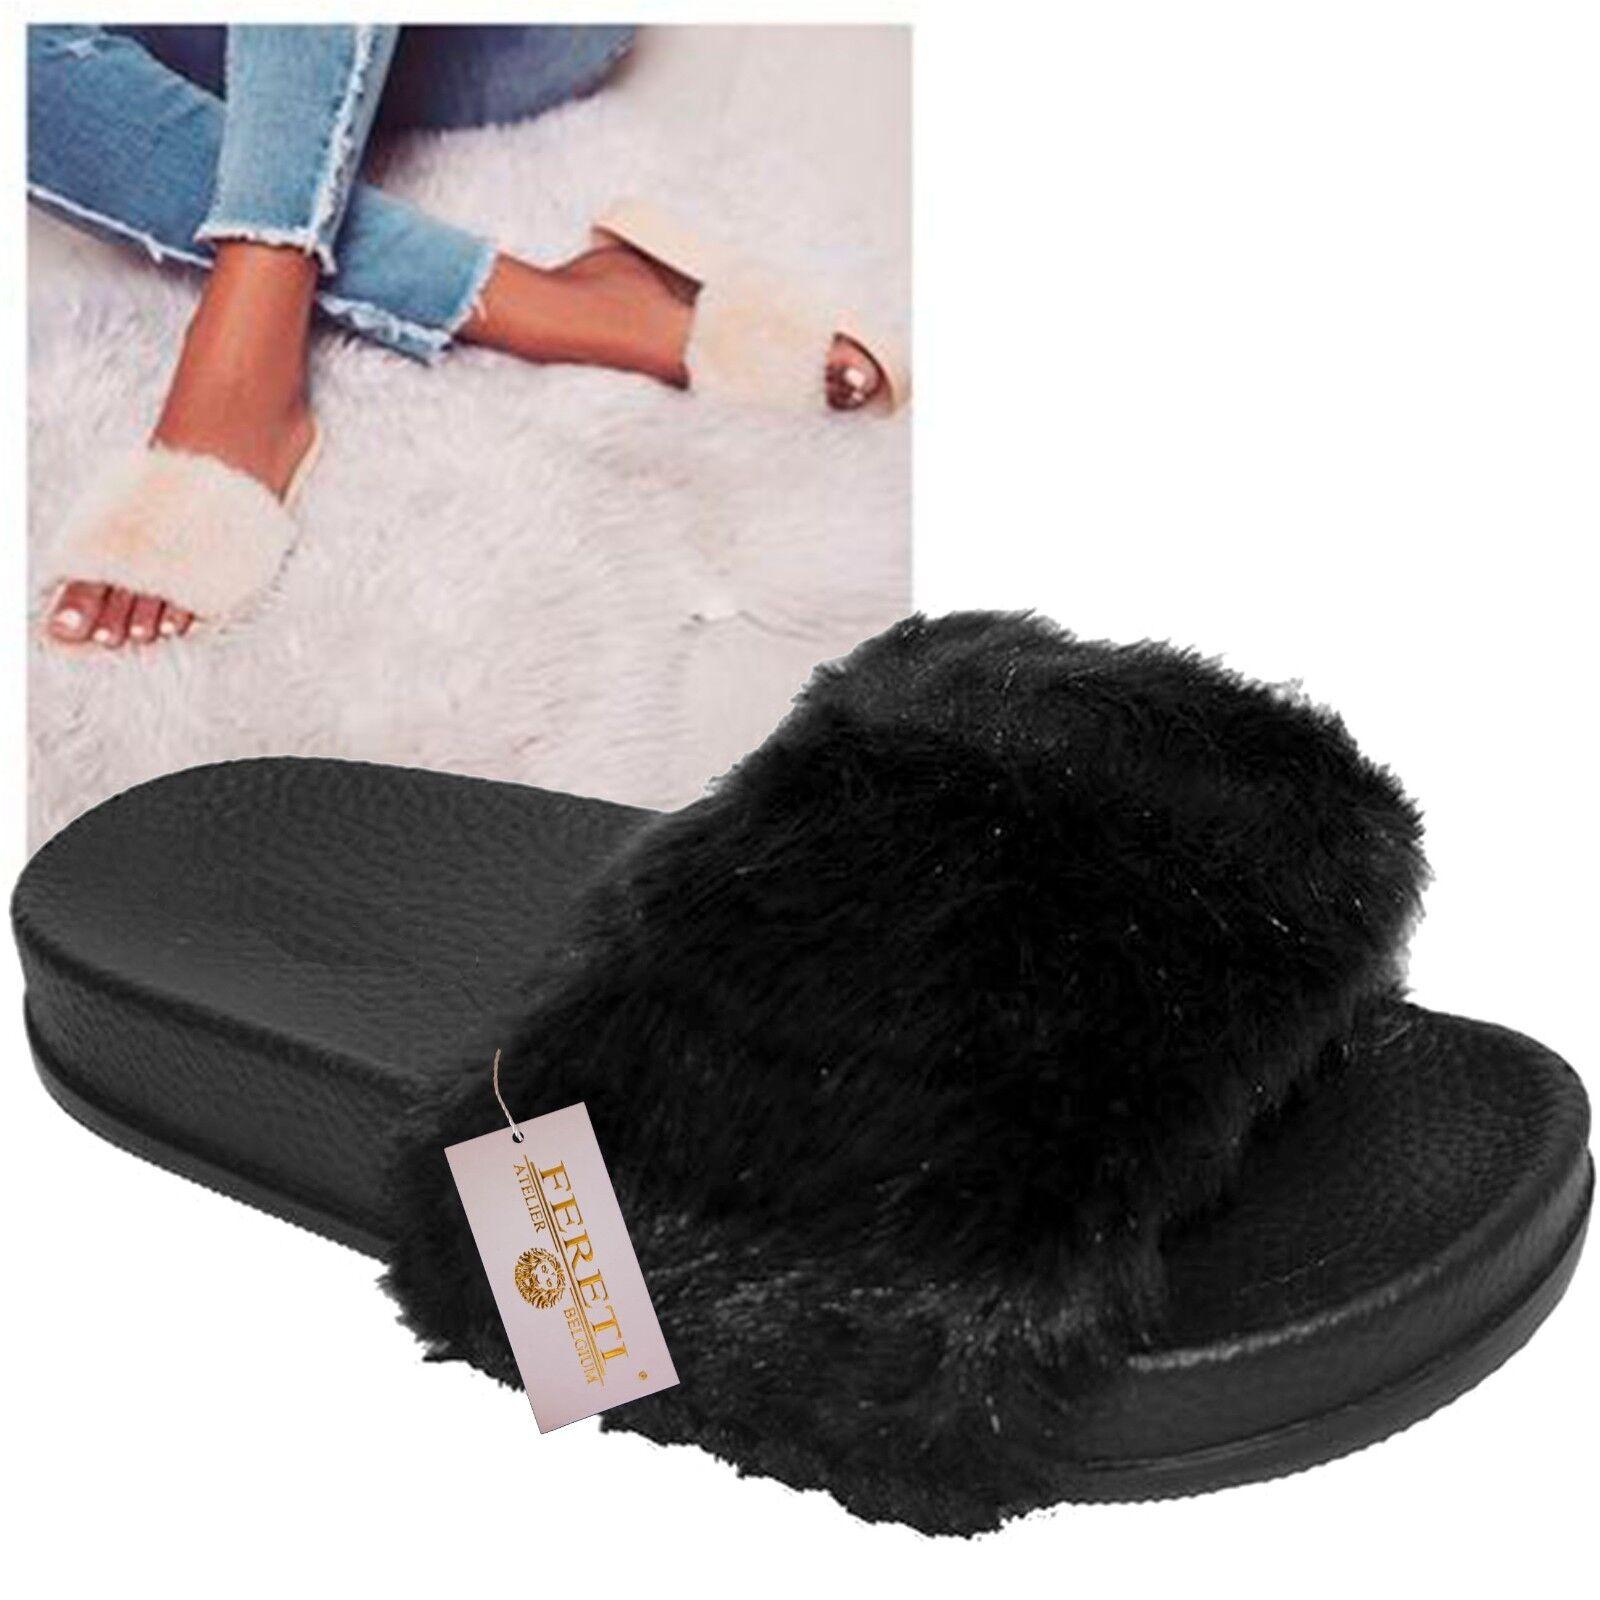 Sandals Flip Flops Hair Sneakers Shoes Slippers Swedish Black Sneakers Hair Ballet Pumps 46b5c2